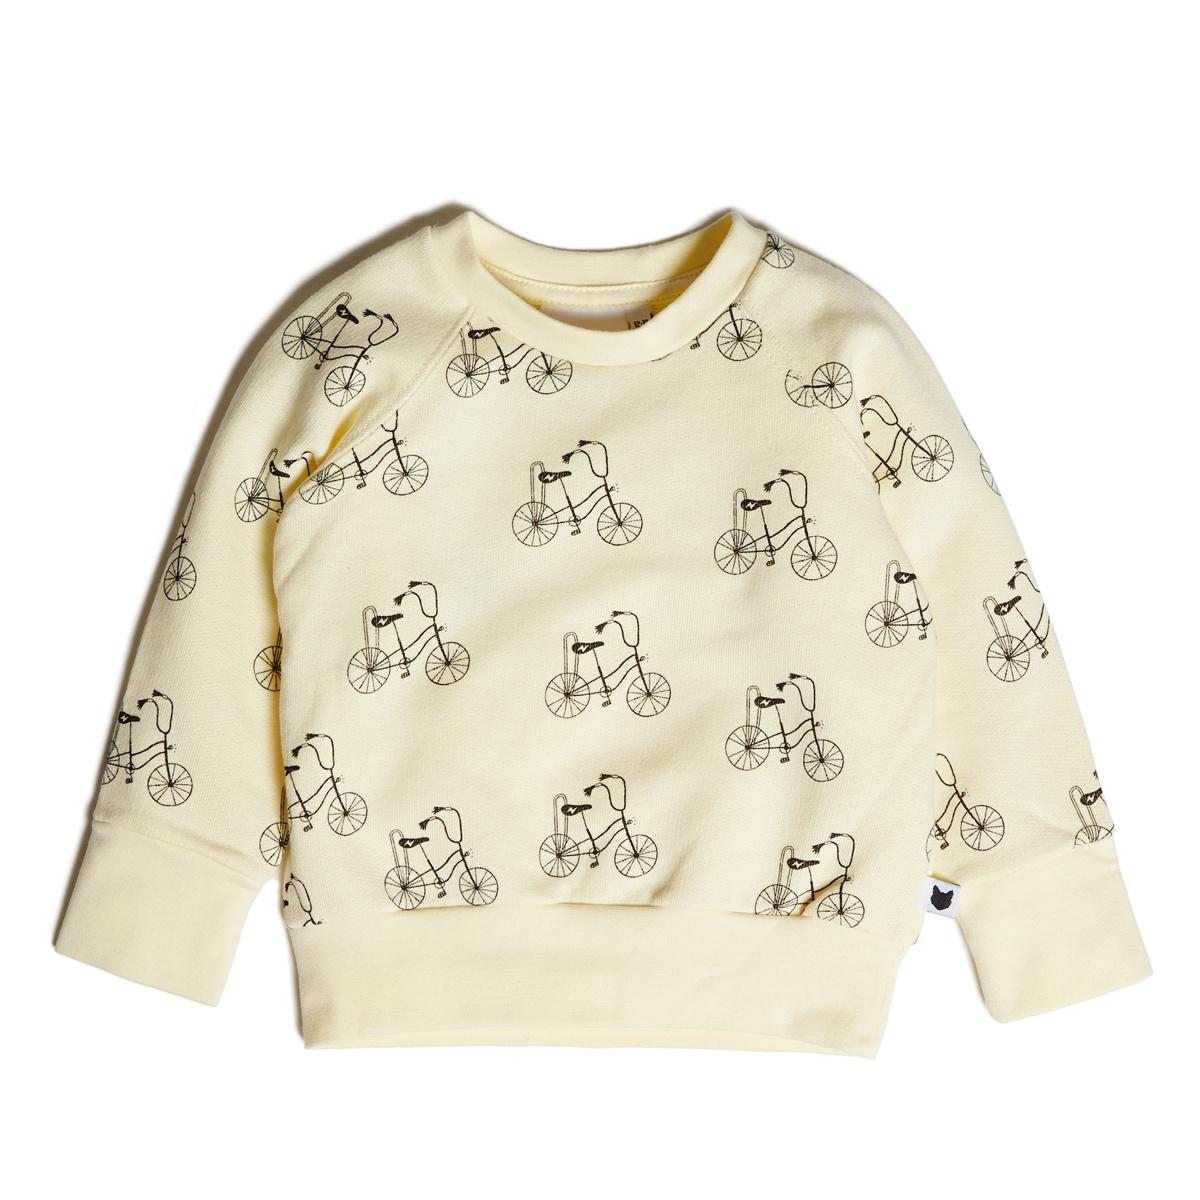 Hauts bébé Sweatshirt Banana Bike Loopback - 12/18 Mois Sweatshirt Banana Bike Loopback - 12/18 Mois